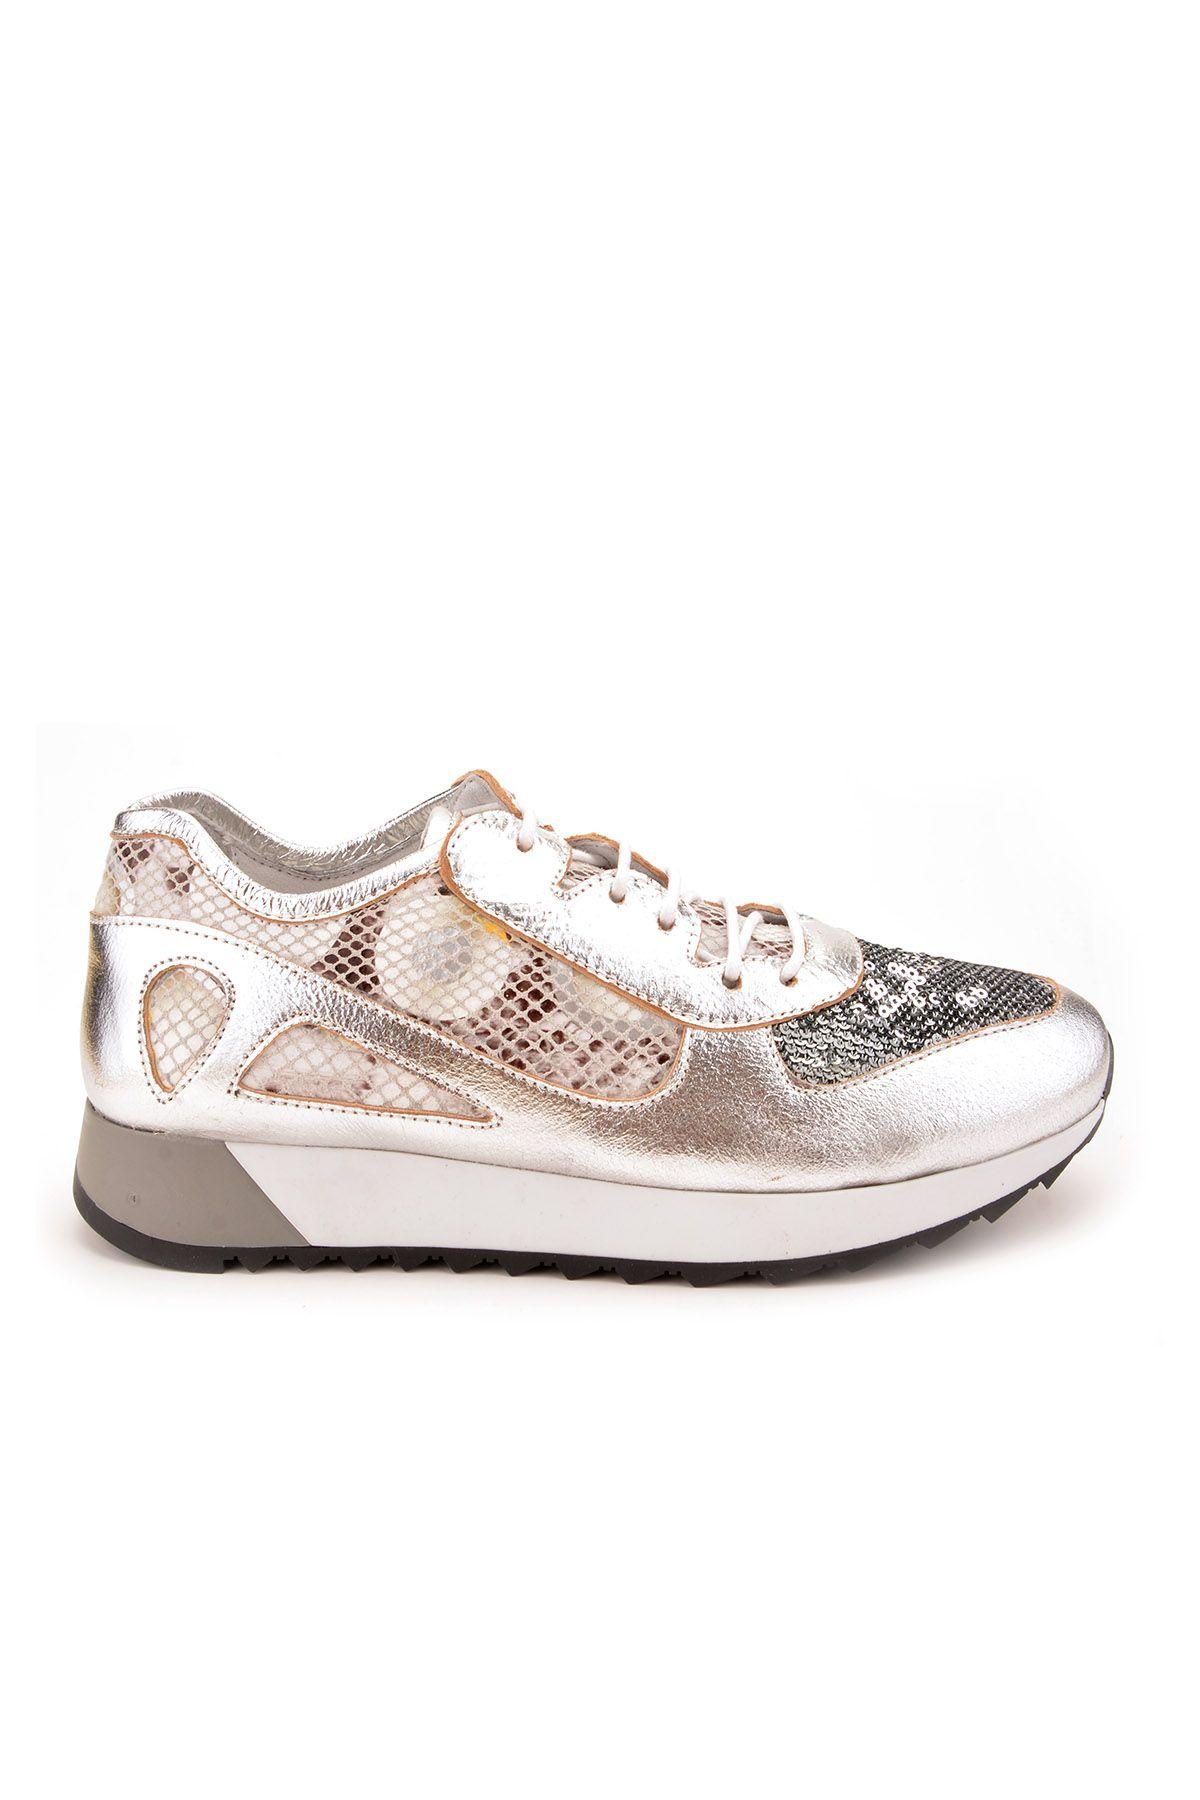 Pegia Anvers Hakiki Deri Bayan Spor Ayakkabı REC-013 Gümüş